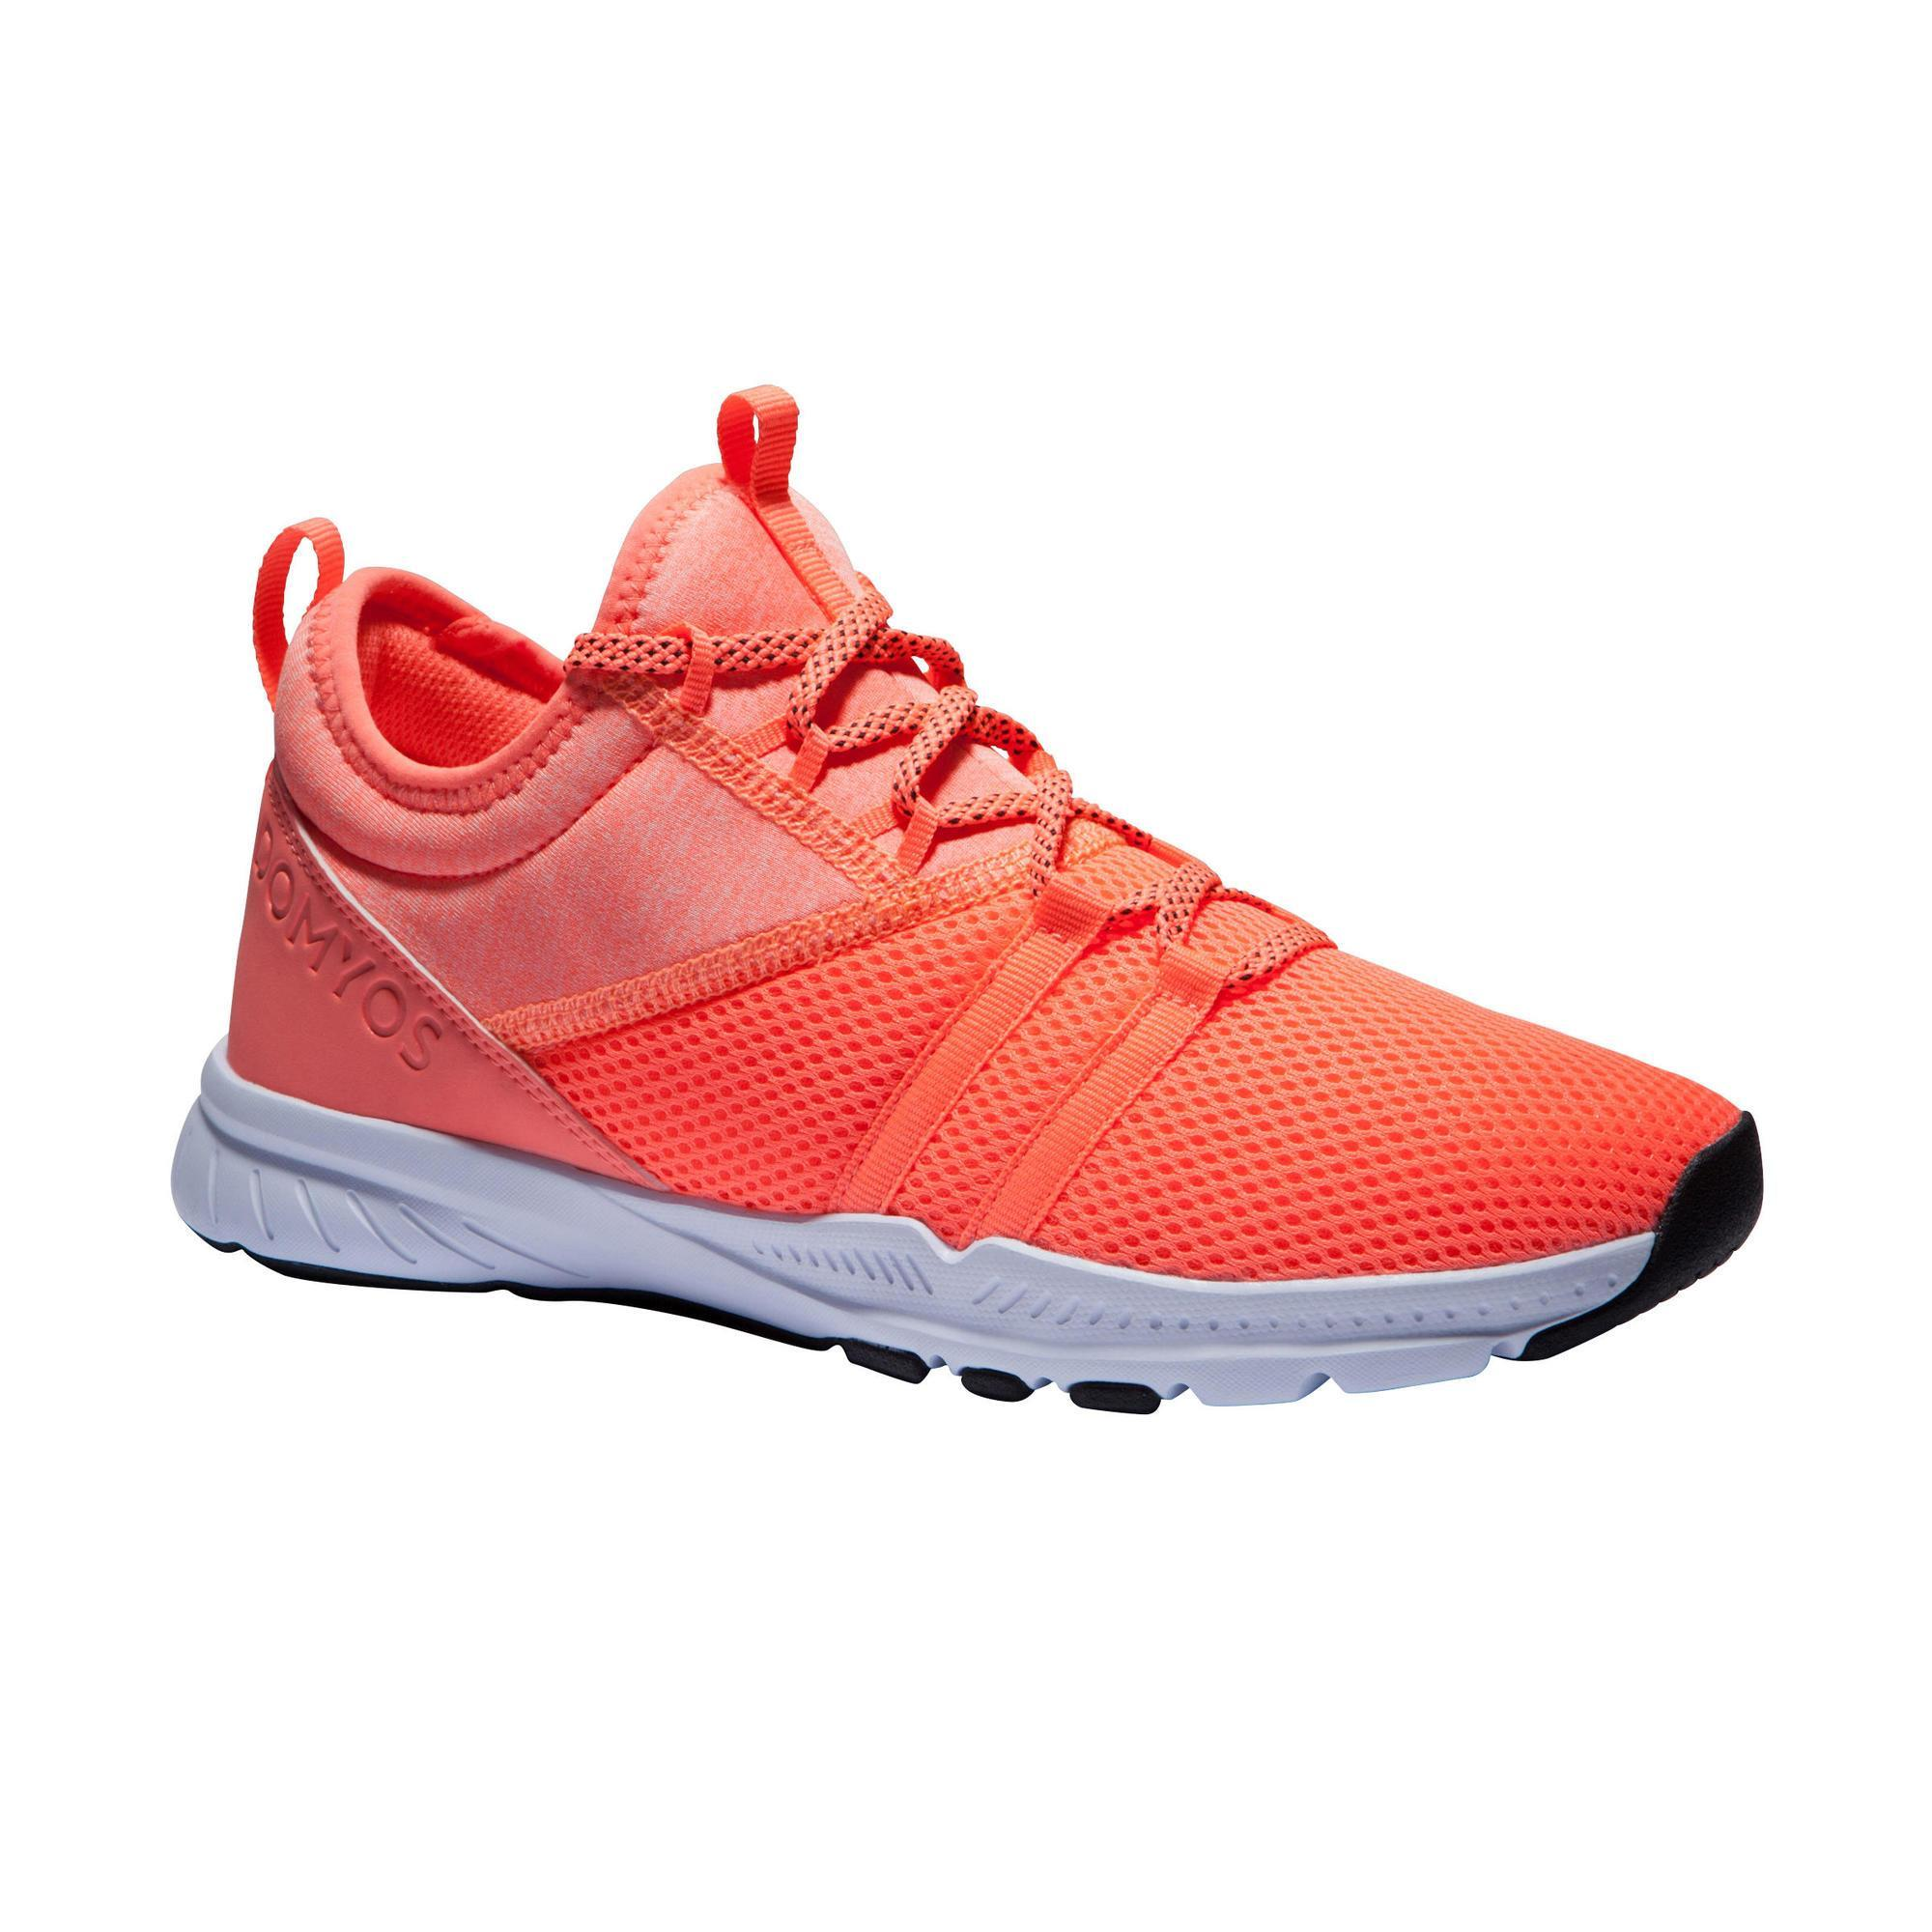 38499b9bf7c Domyos Fitness schoenen cardiotraining 120 voor dames